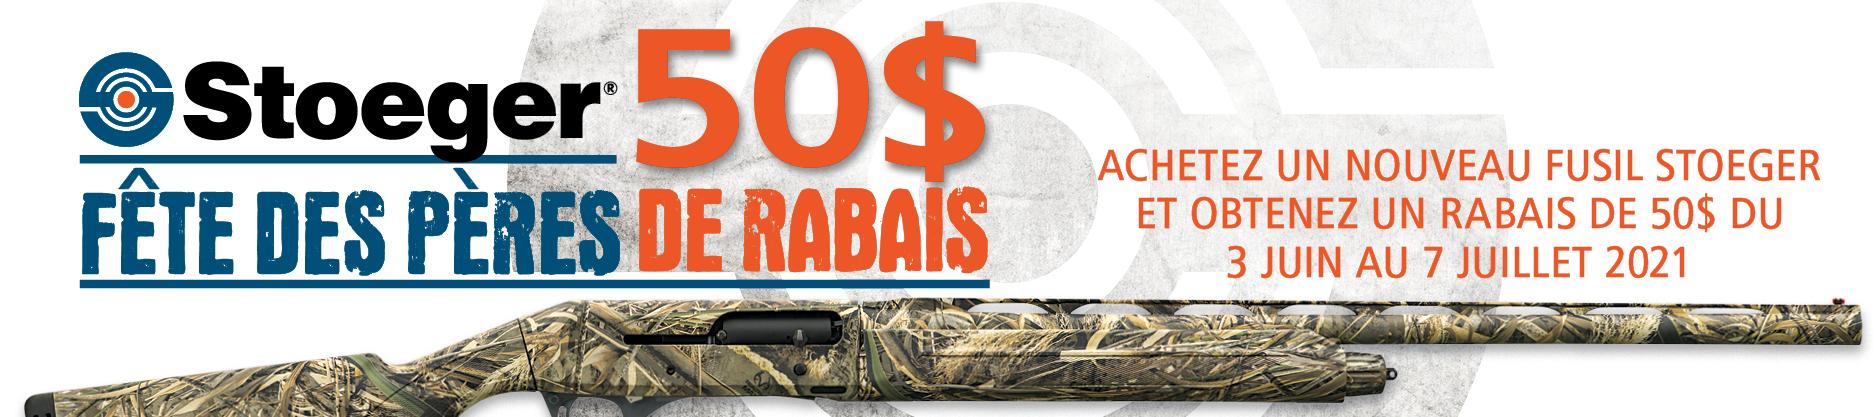 Stoeger 50 Rebate Banner 200x900 SEMI FR